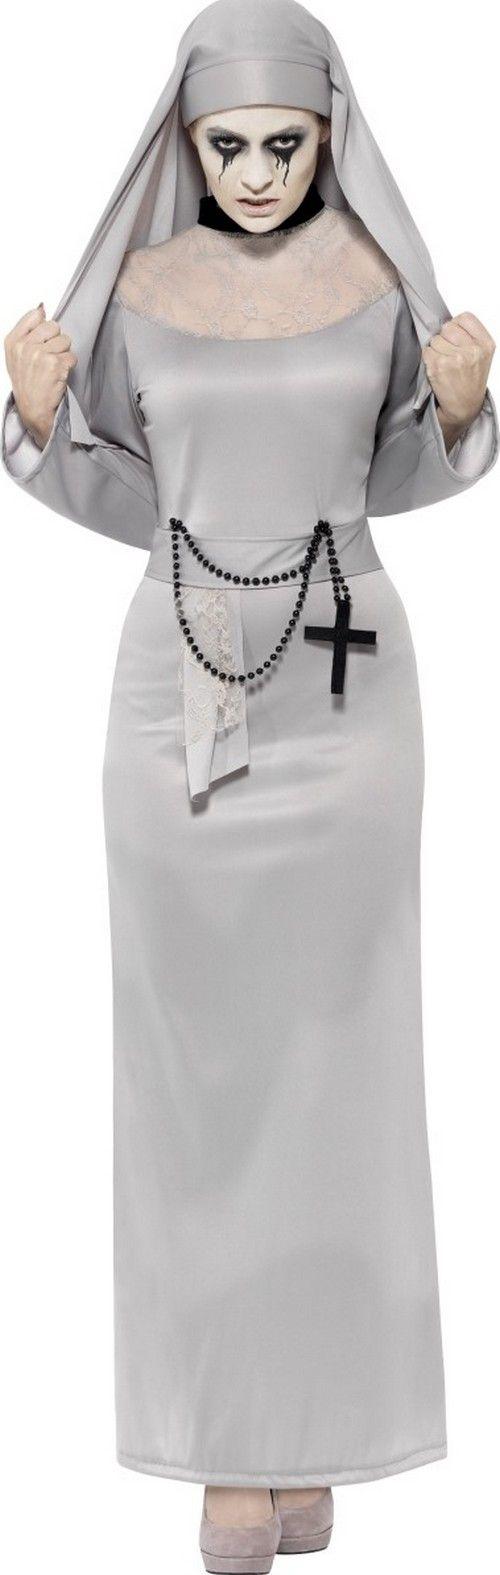 Déguisement fantôme religieuse femme Halloween : Ce déguisement de fantôme de religieuse pour femme se compose d'une robe et d'une coiffe (chaussures non incluses). La robe longue est grise, avec une fausse ceinture cousue sur...